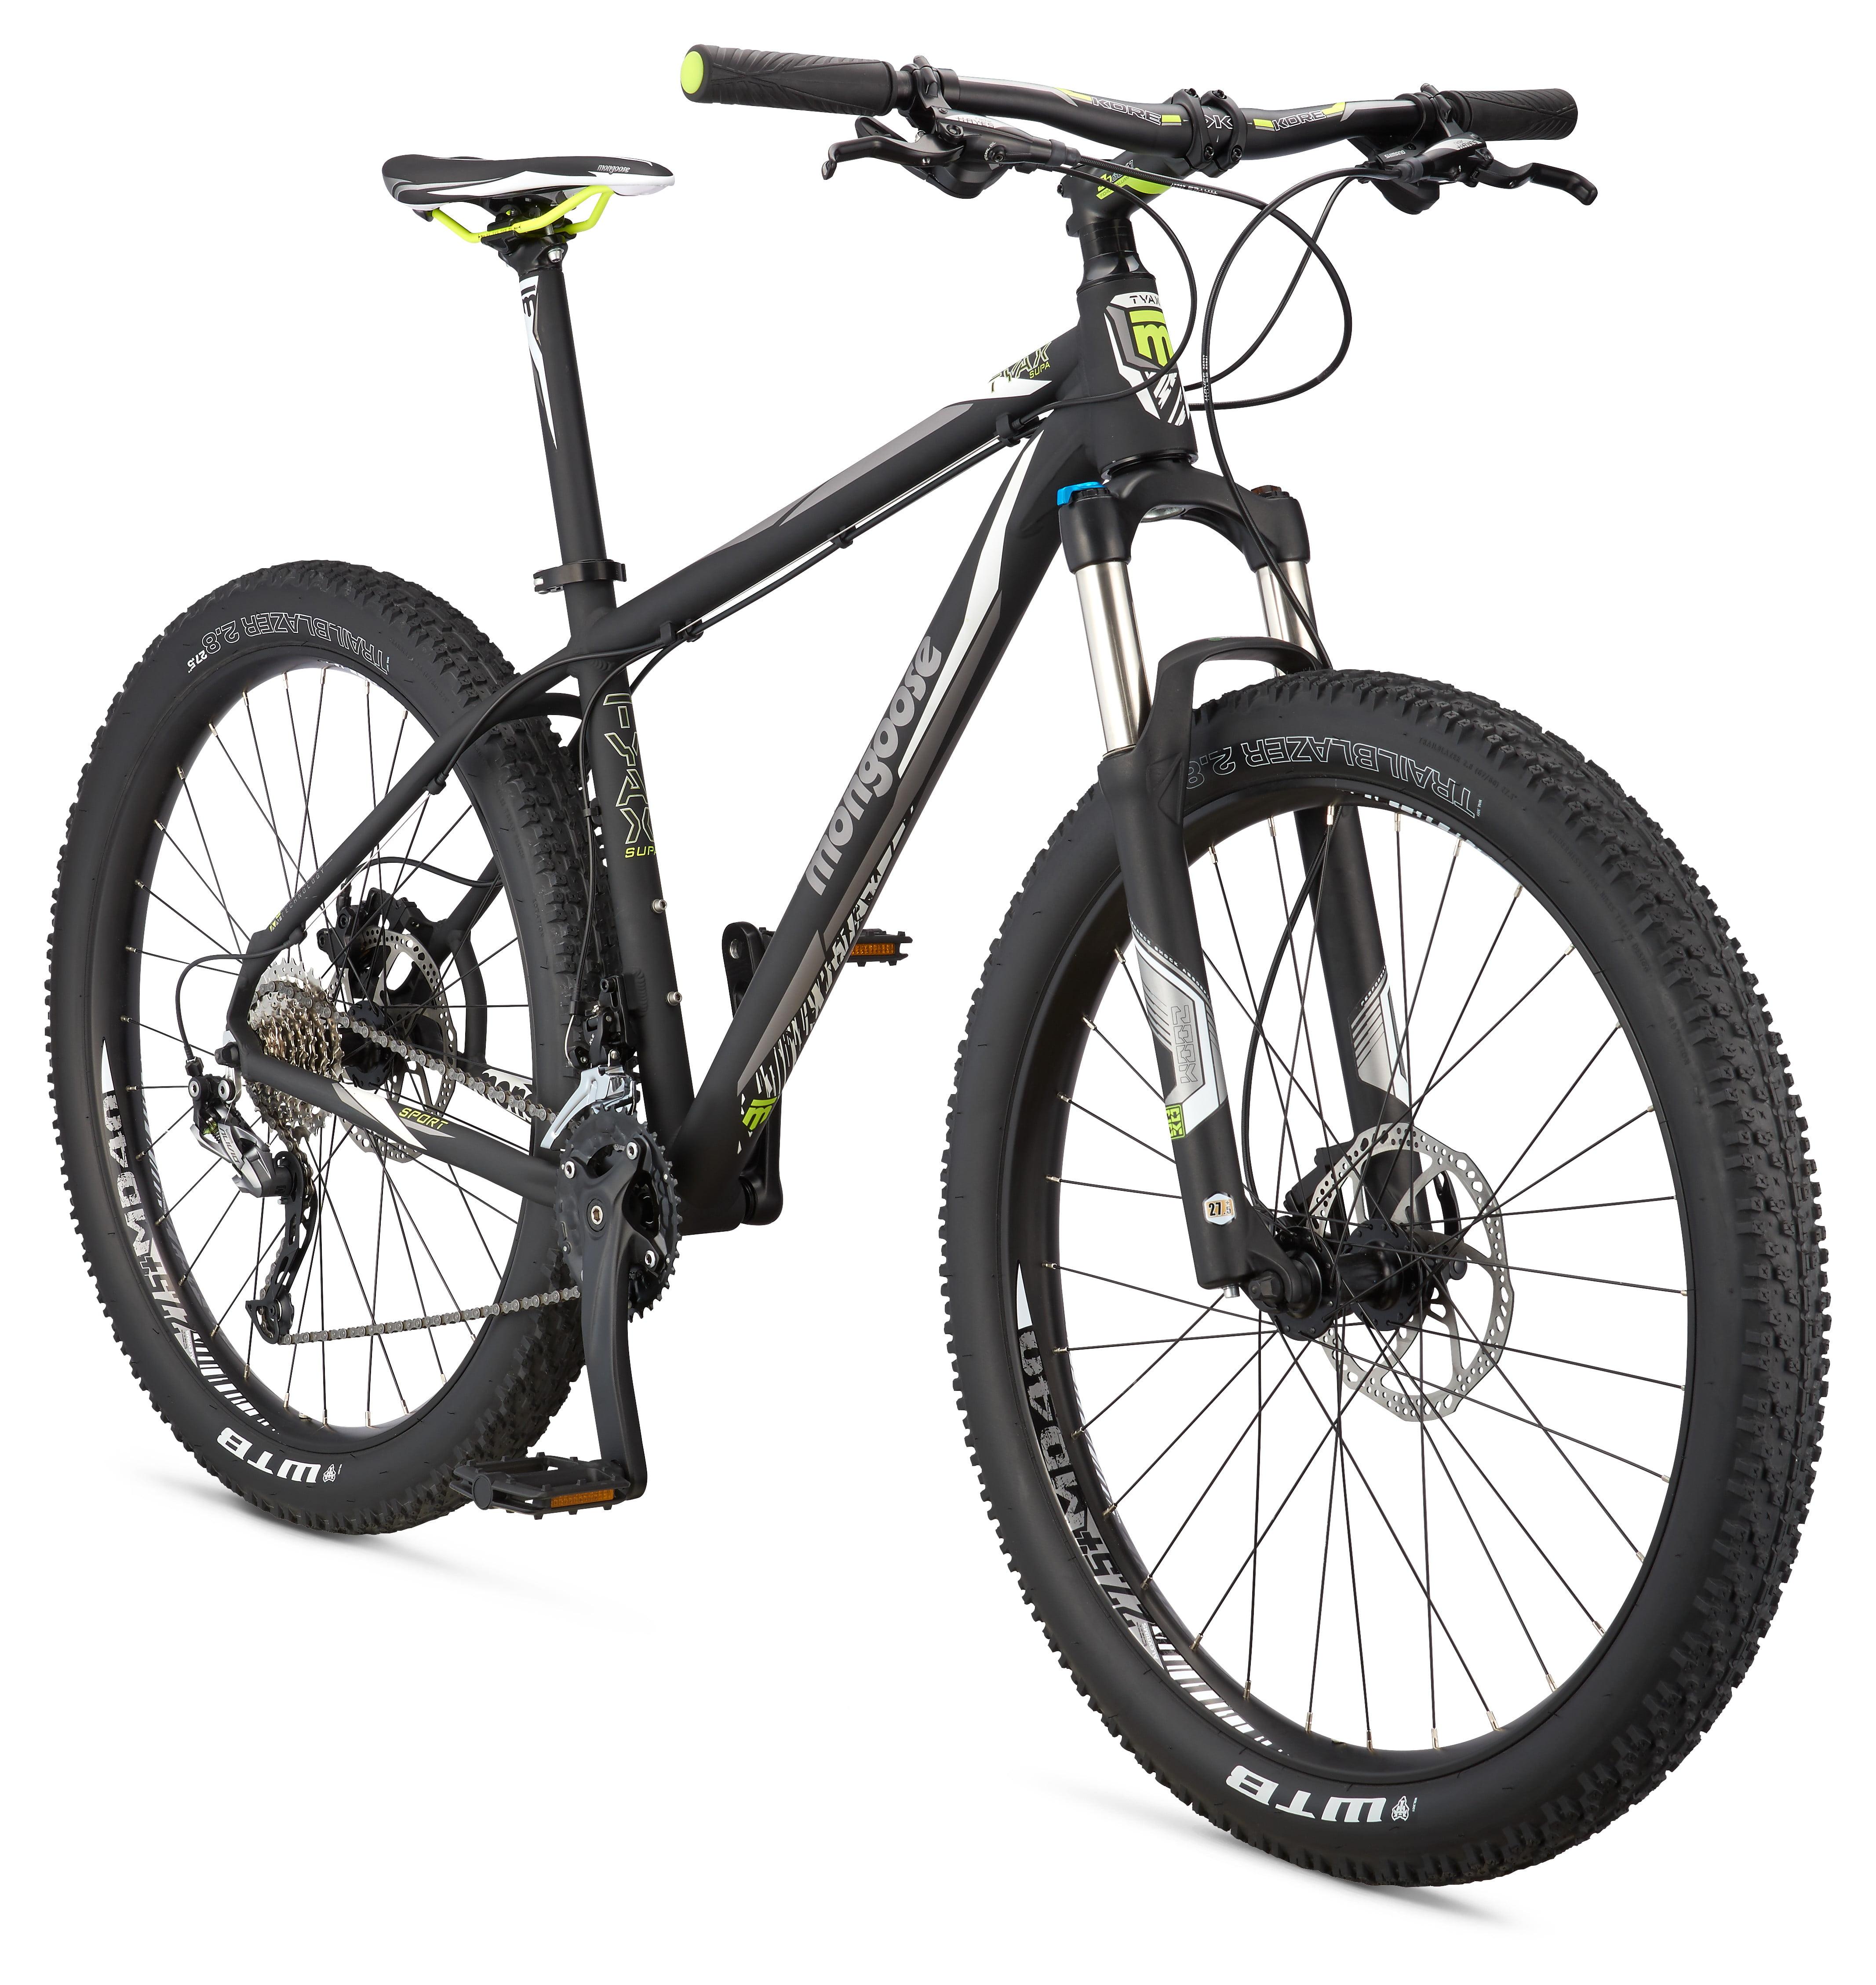 """Mongoose Tyax Supa Sport 27.5+"""" Men's Hardtail Mountain Bike, Black, Medium"""